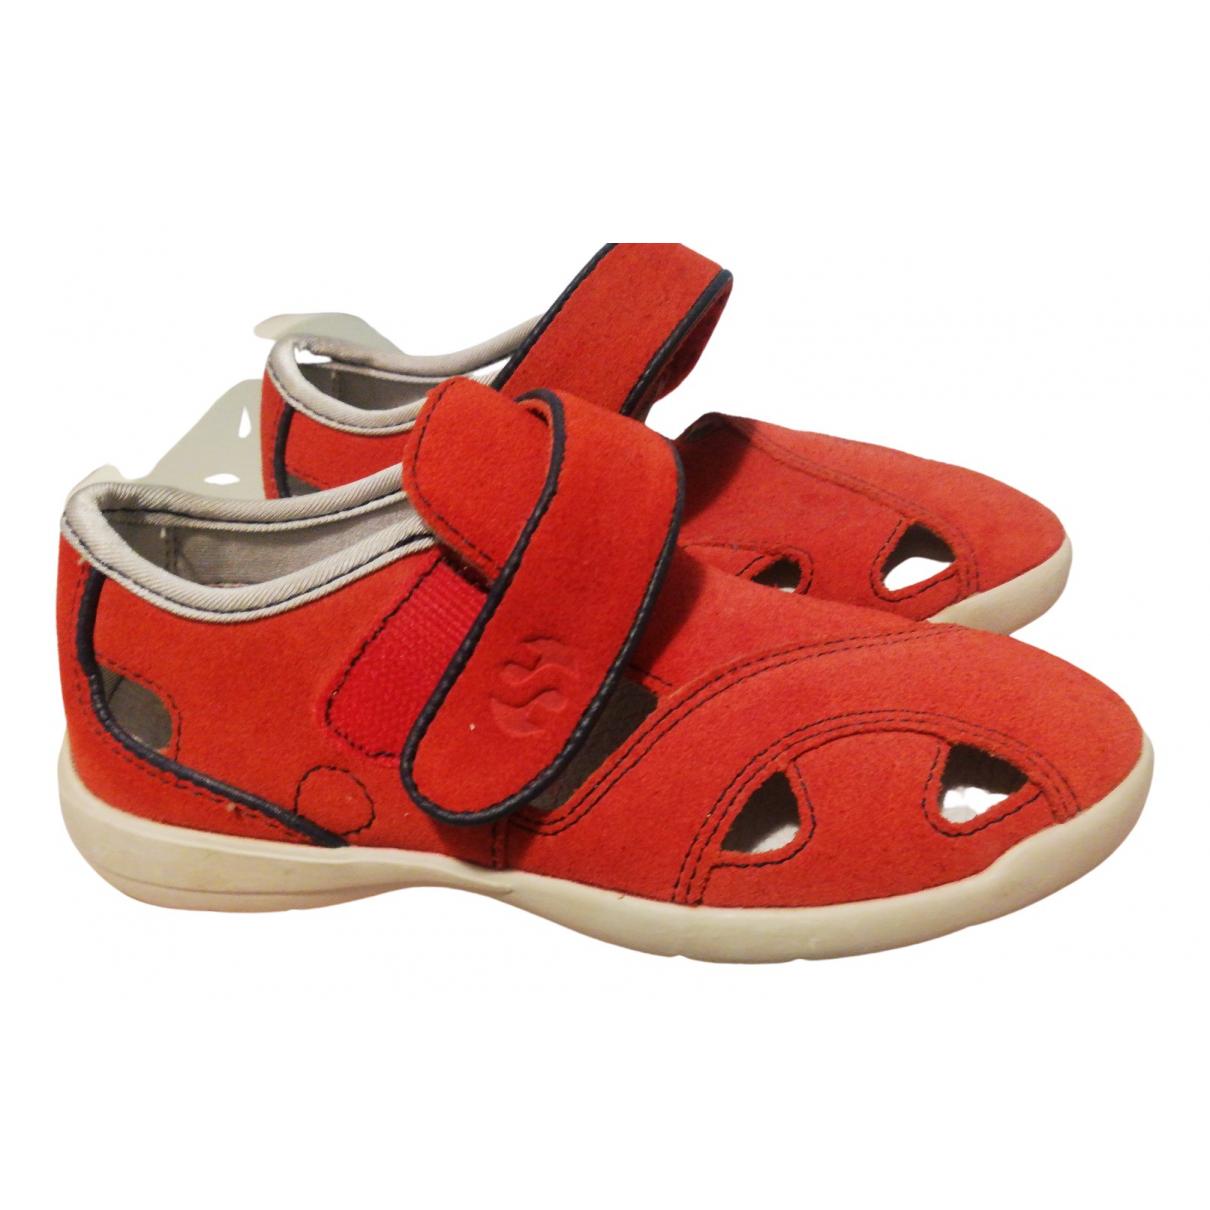 Superga - Chaussons   pour enfant en suede - rouge